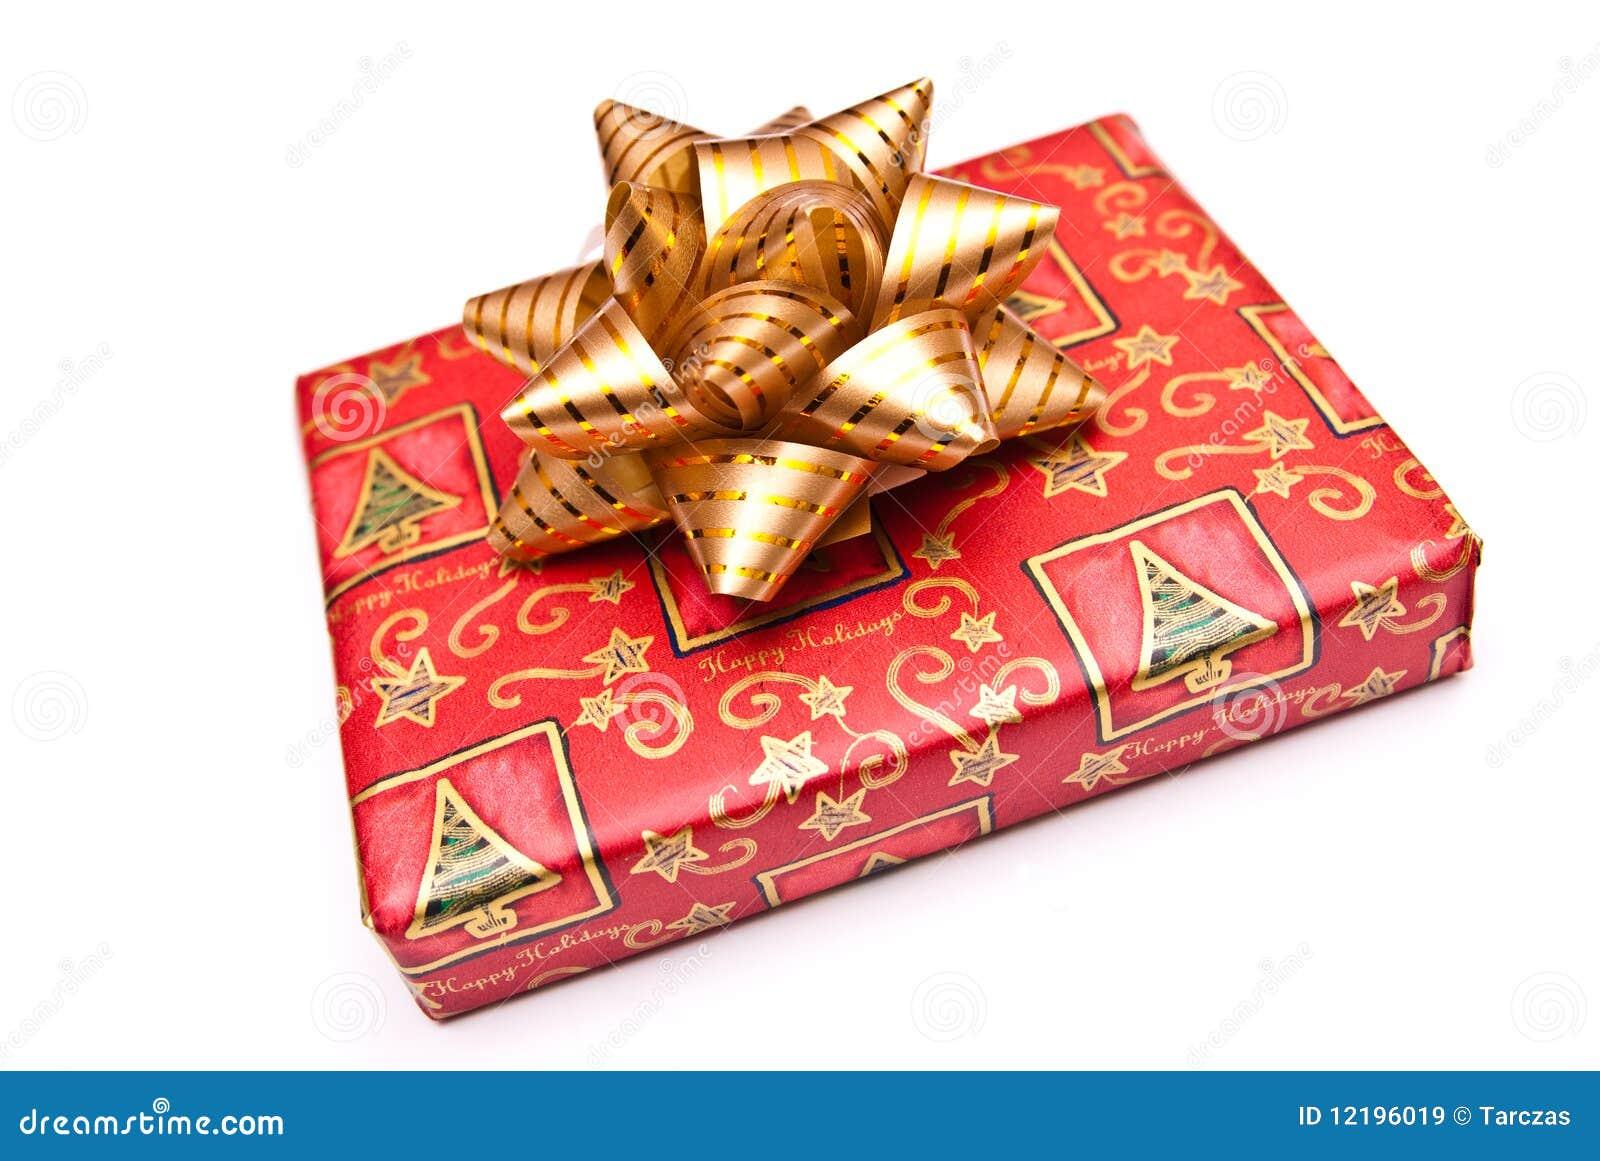 Wrapped christmas present stock image of seasonal